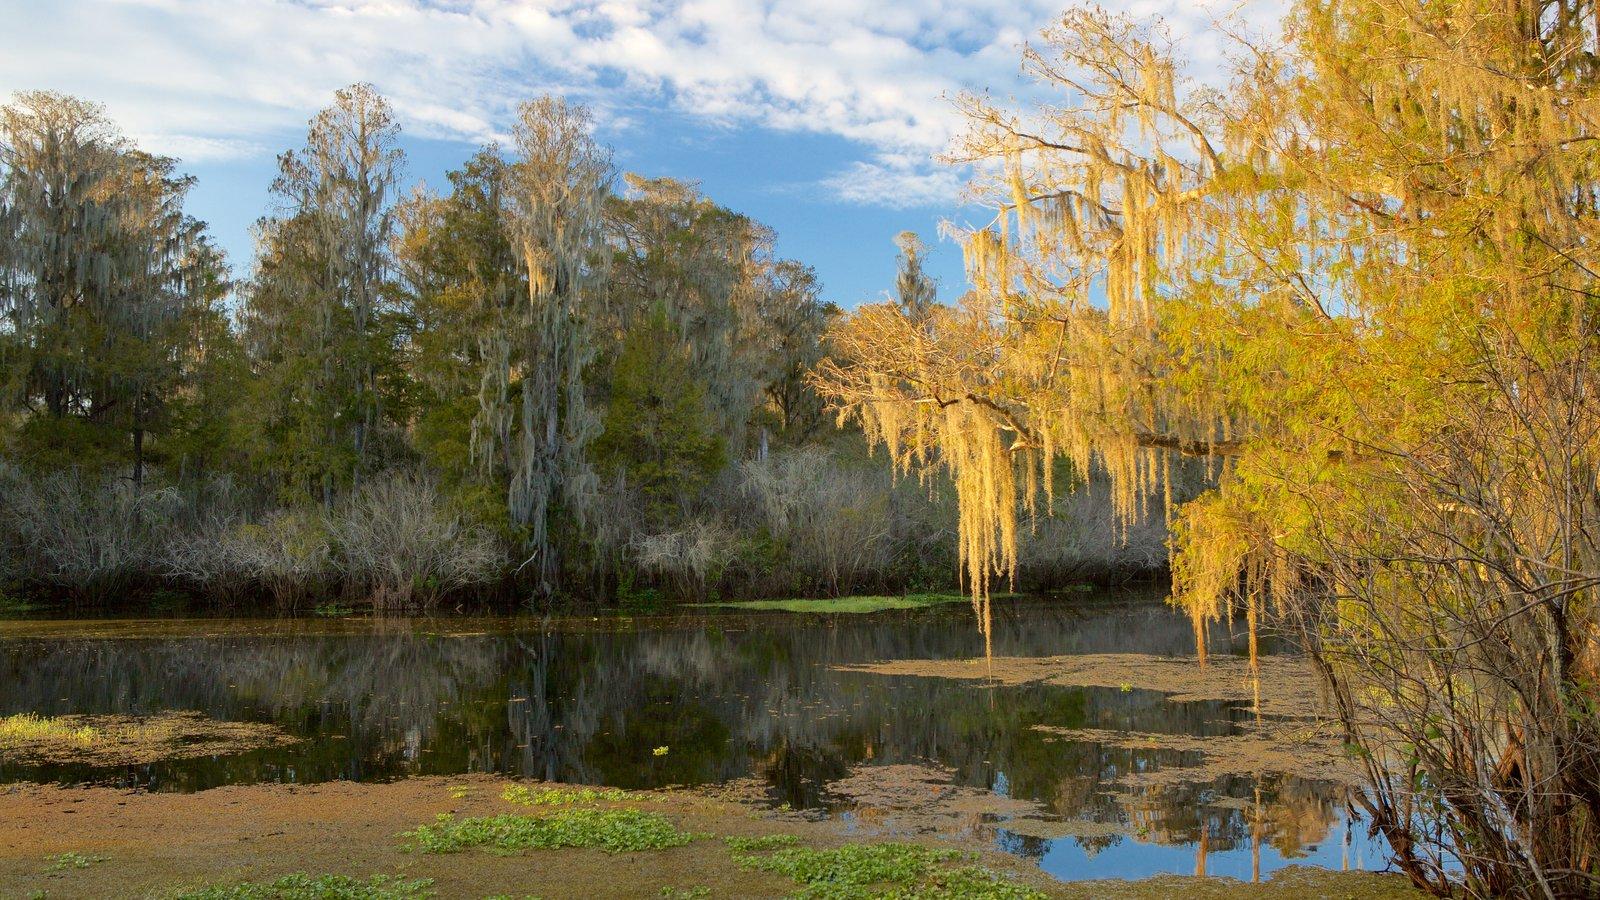 Tampa showing a lake or waterhole